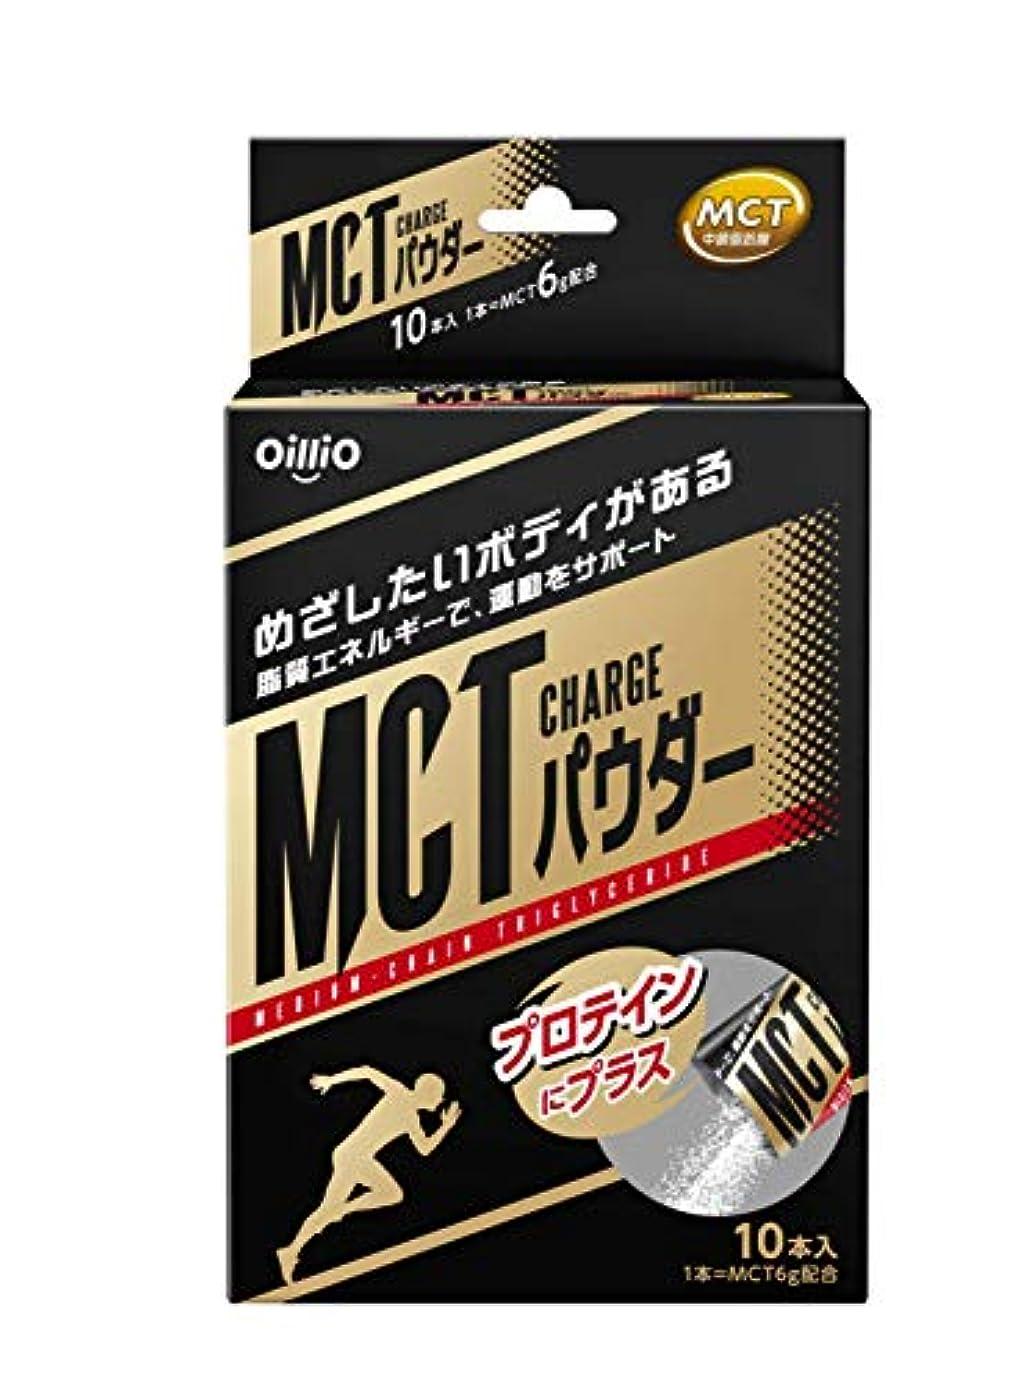 支配する断言する破裂MCT CHARGE(エムシーティーチャージ) パウダー 8g×10本